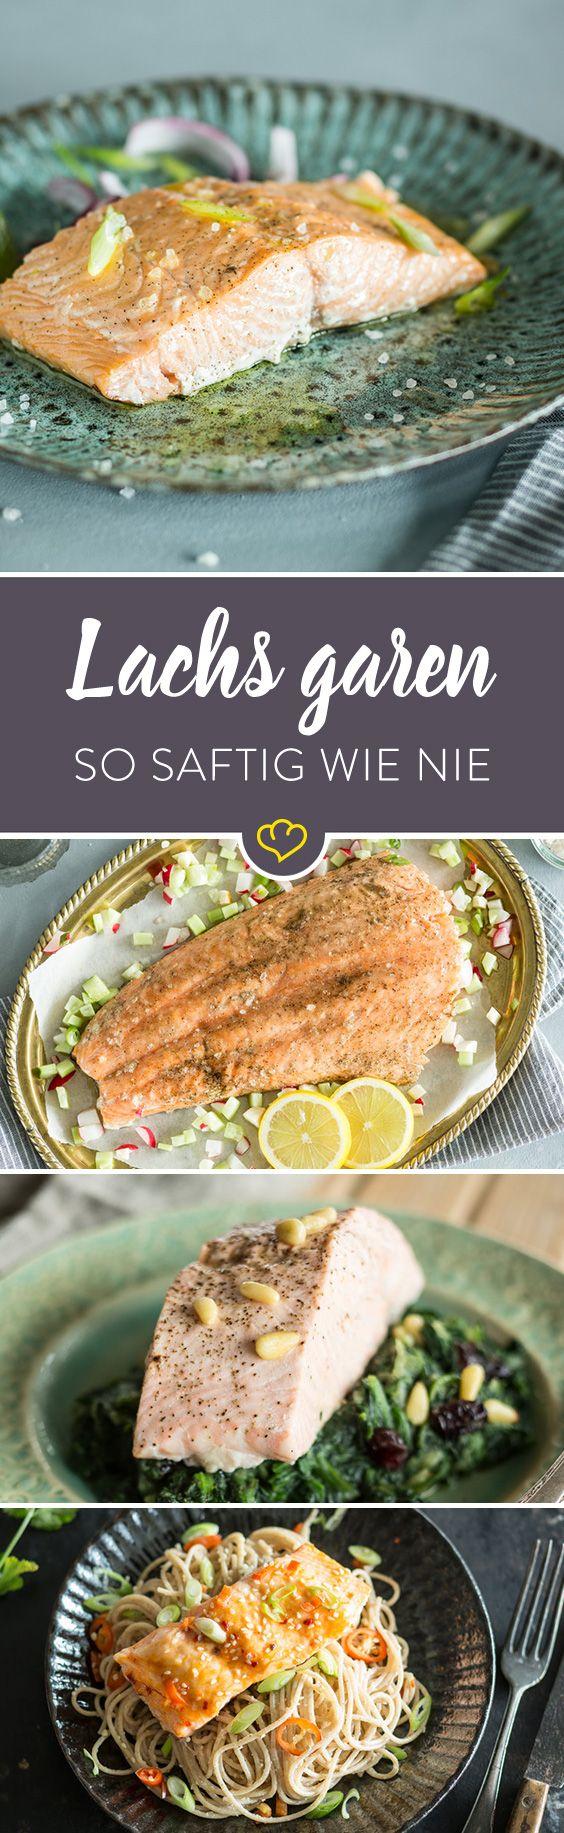 lachs garen so wird dein fisch nie wieder trocken healthy food besser leben pinterest. Black Bedroom Furniture Sets. Home Design Ideas